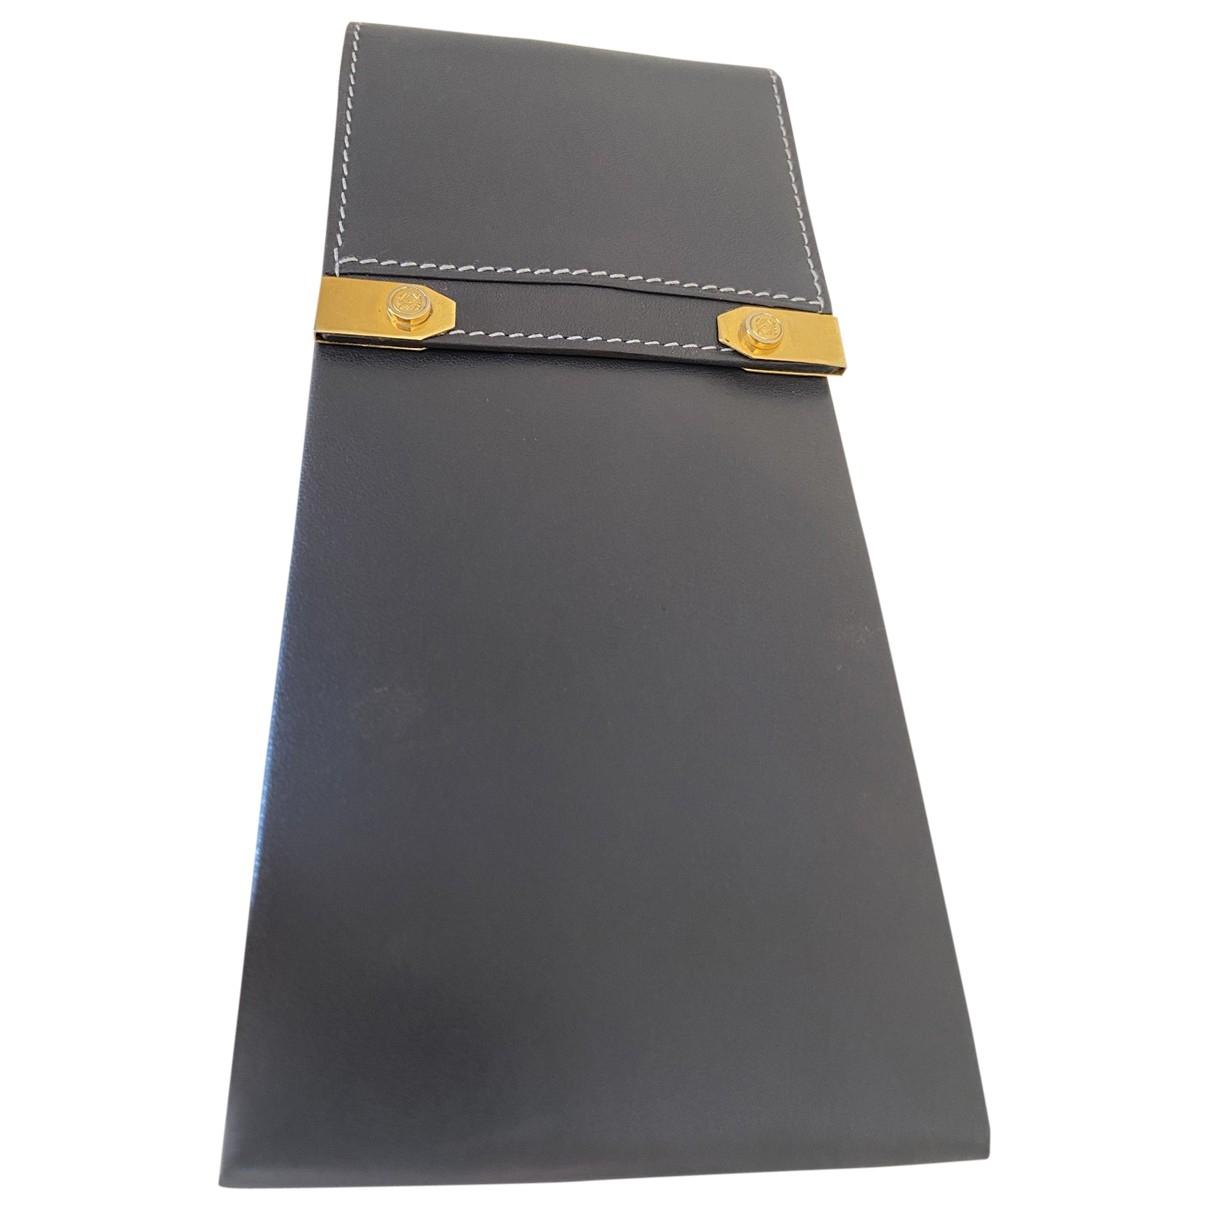 Loewe - Petite maroquinerie   pour homme en cuir - gris